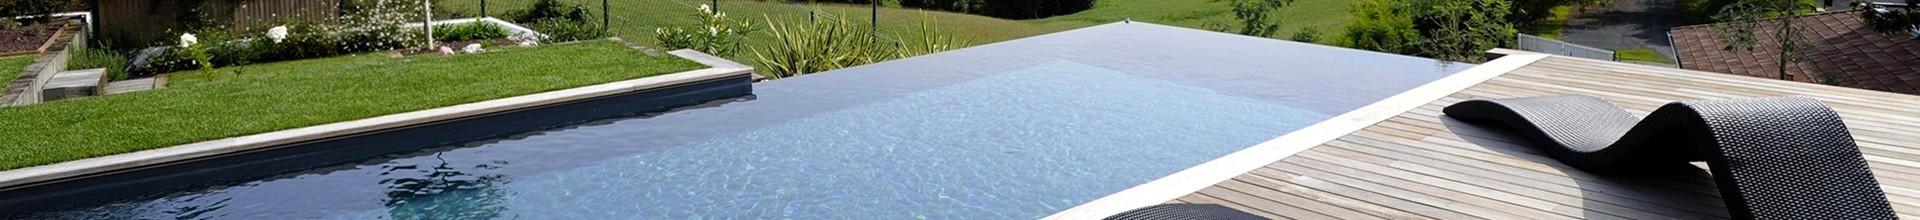 Projet piscine Auvergne Rhône Alpes : votre projet coque polyester